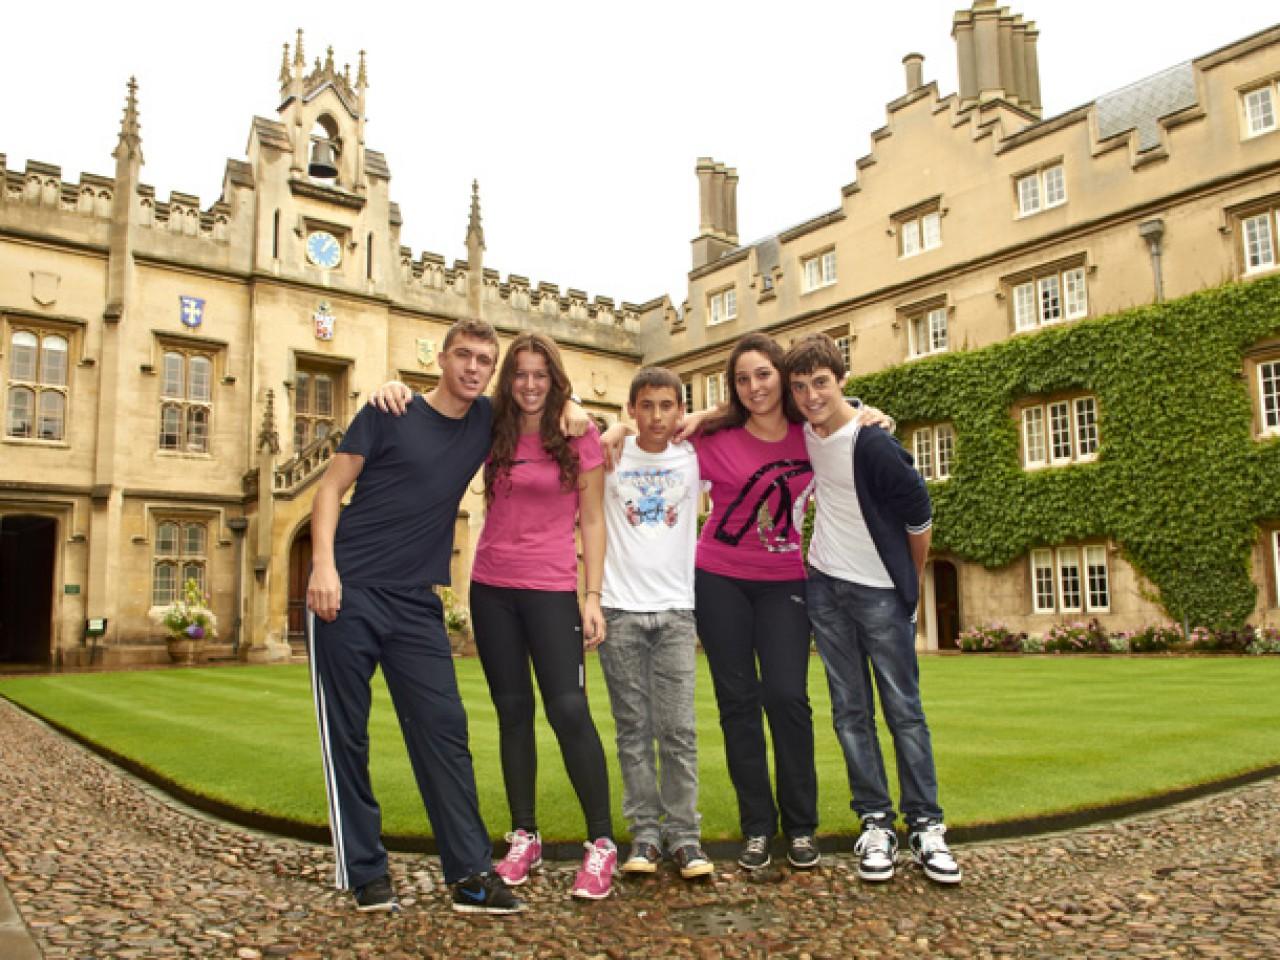 ST. GILES Кембридж — летняя языковая программа для молодежи от 14 до 17 лет